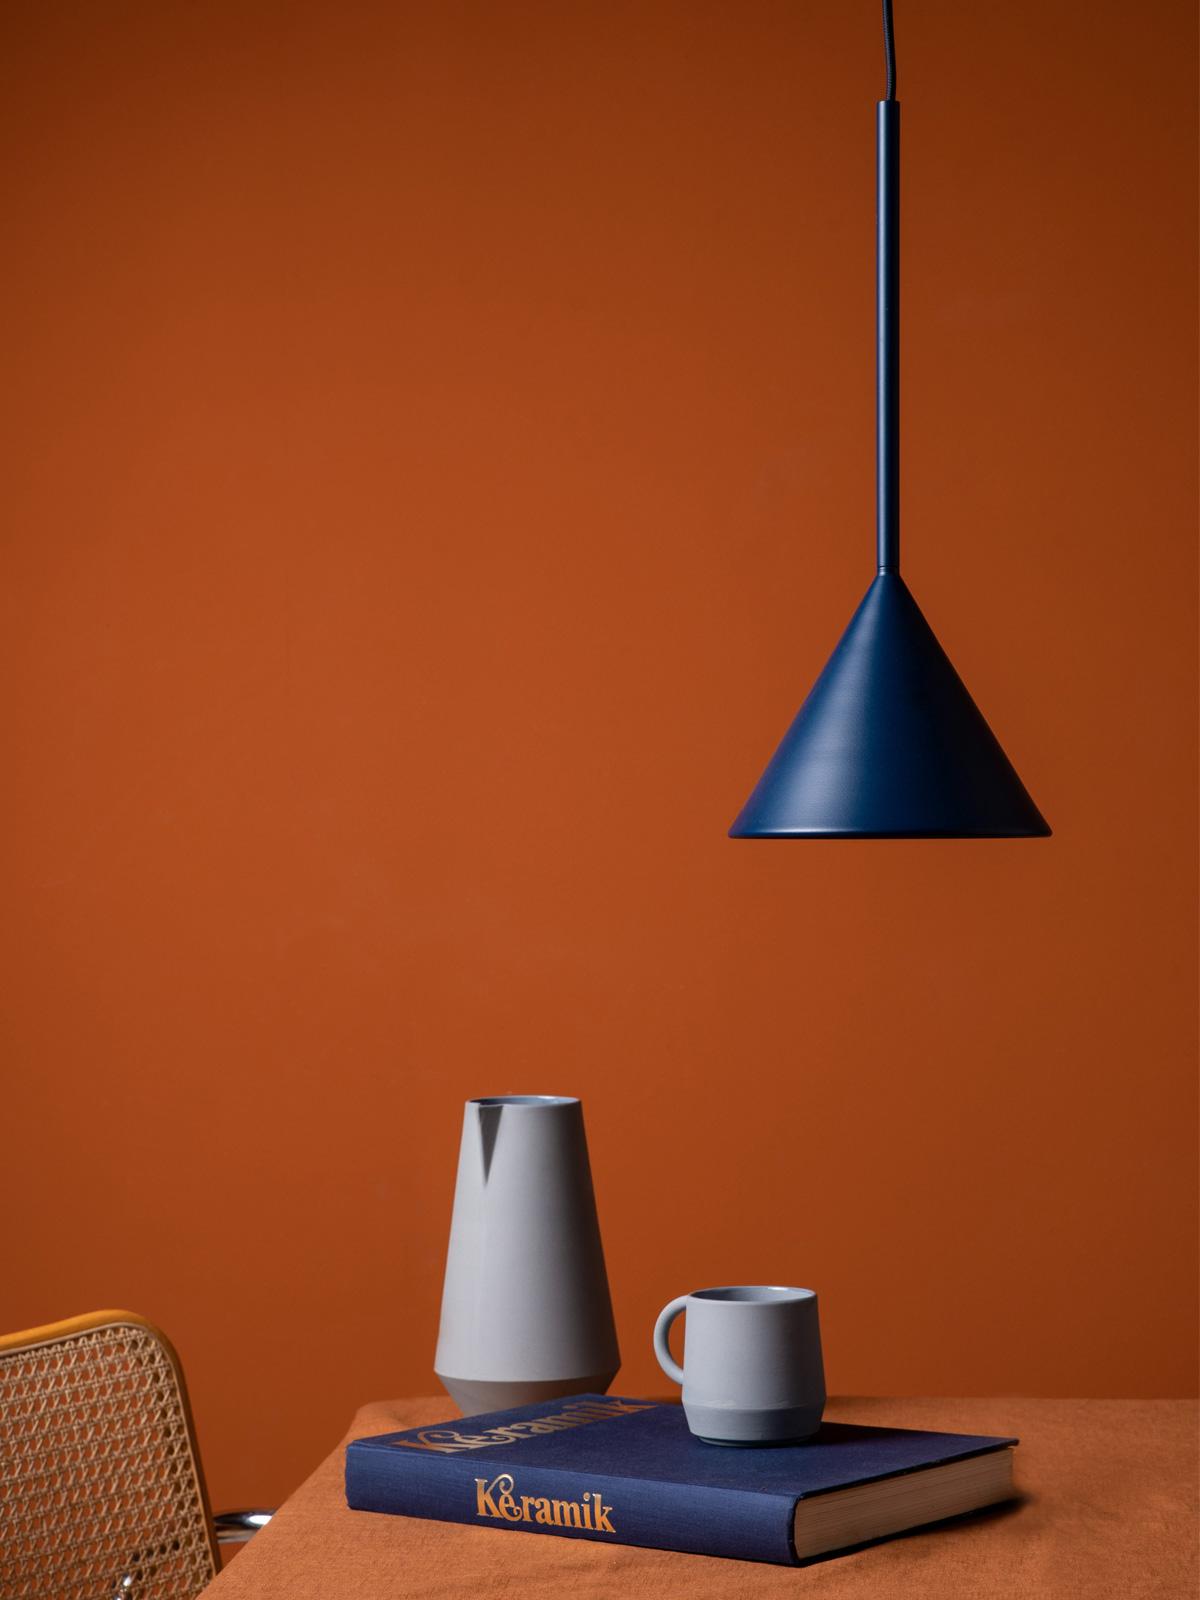 Schneid Figura LED Leuchte DesignOrt Onlineshop Fachhandel Licht Lampen